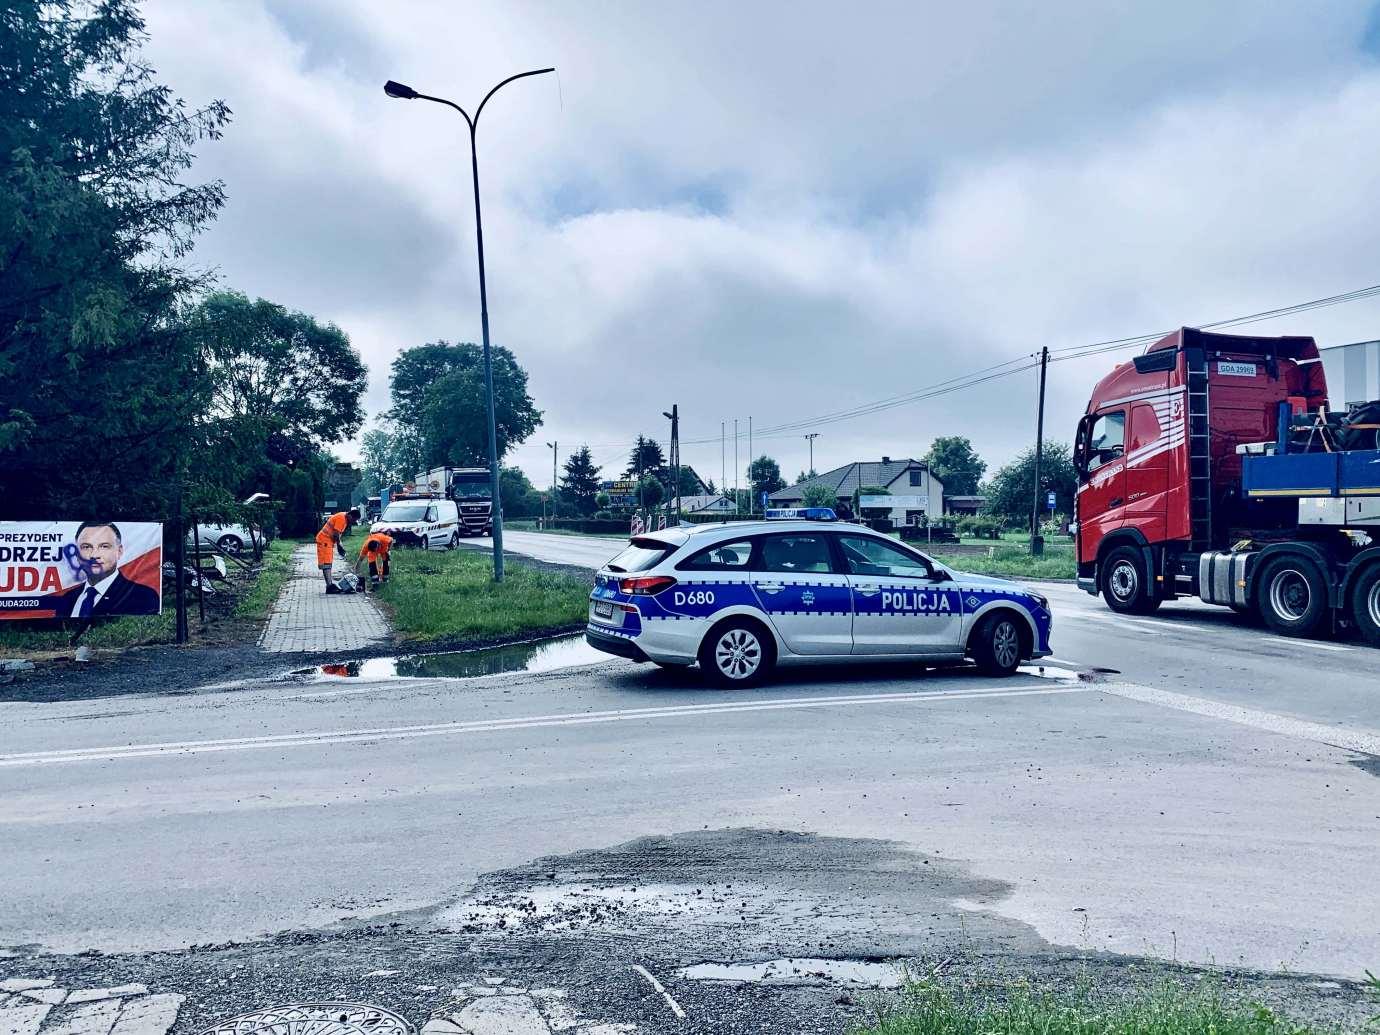 img 9470 Zderzenie Volkswagena z Renault zablokowało skrzyżowanie w Kalinowicach (ZDJĘCIA)